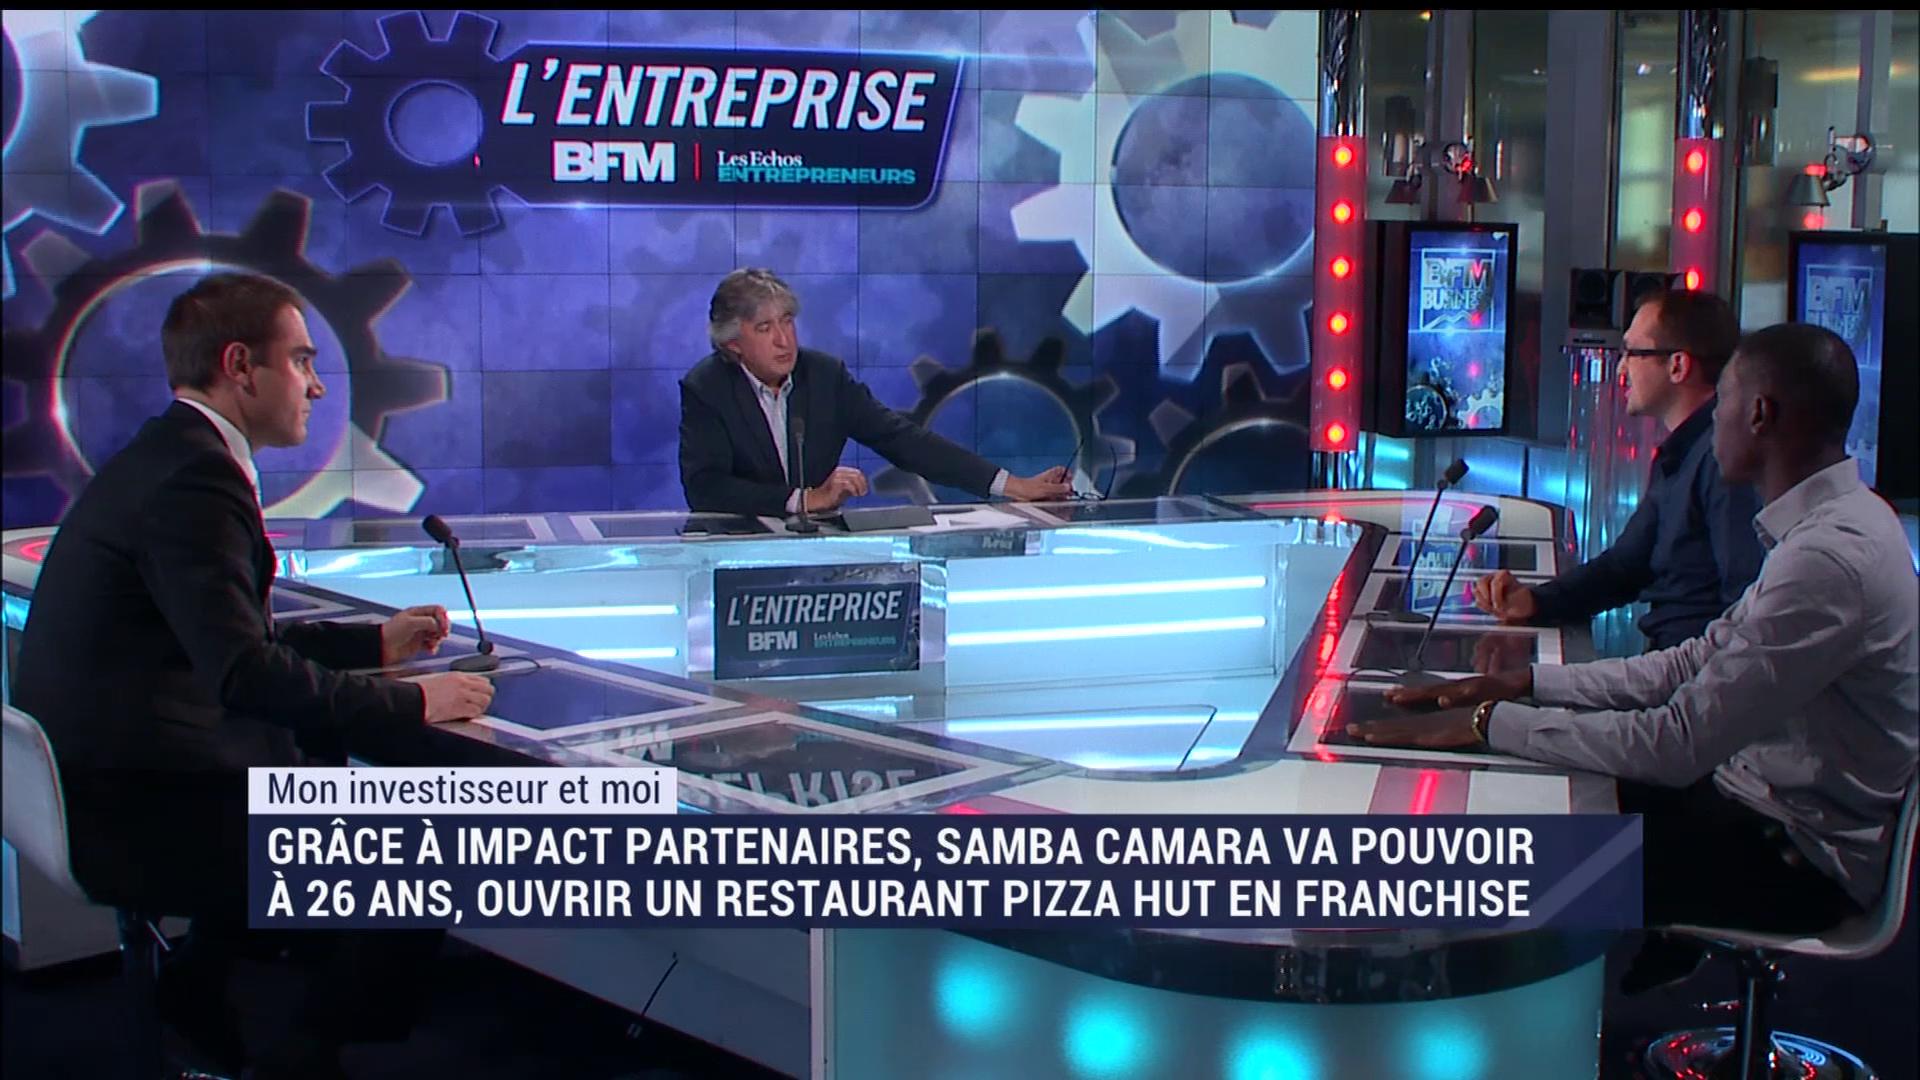 Entretien TV de deux futurs franchisés accompagnés par MonteTaFranchise